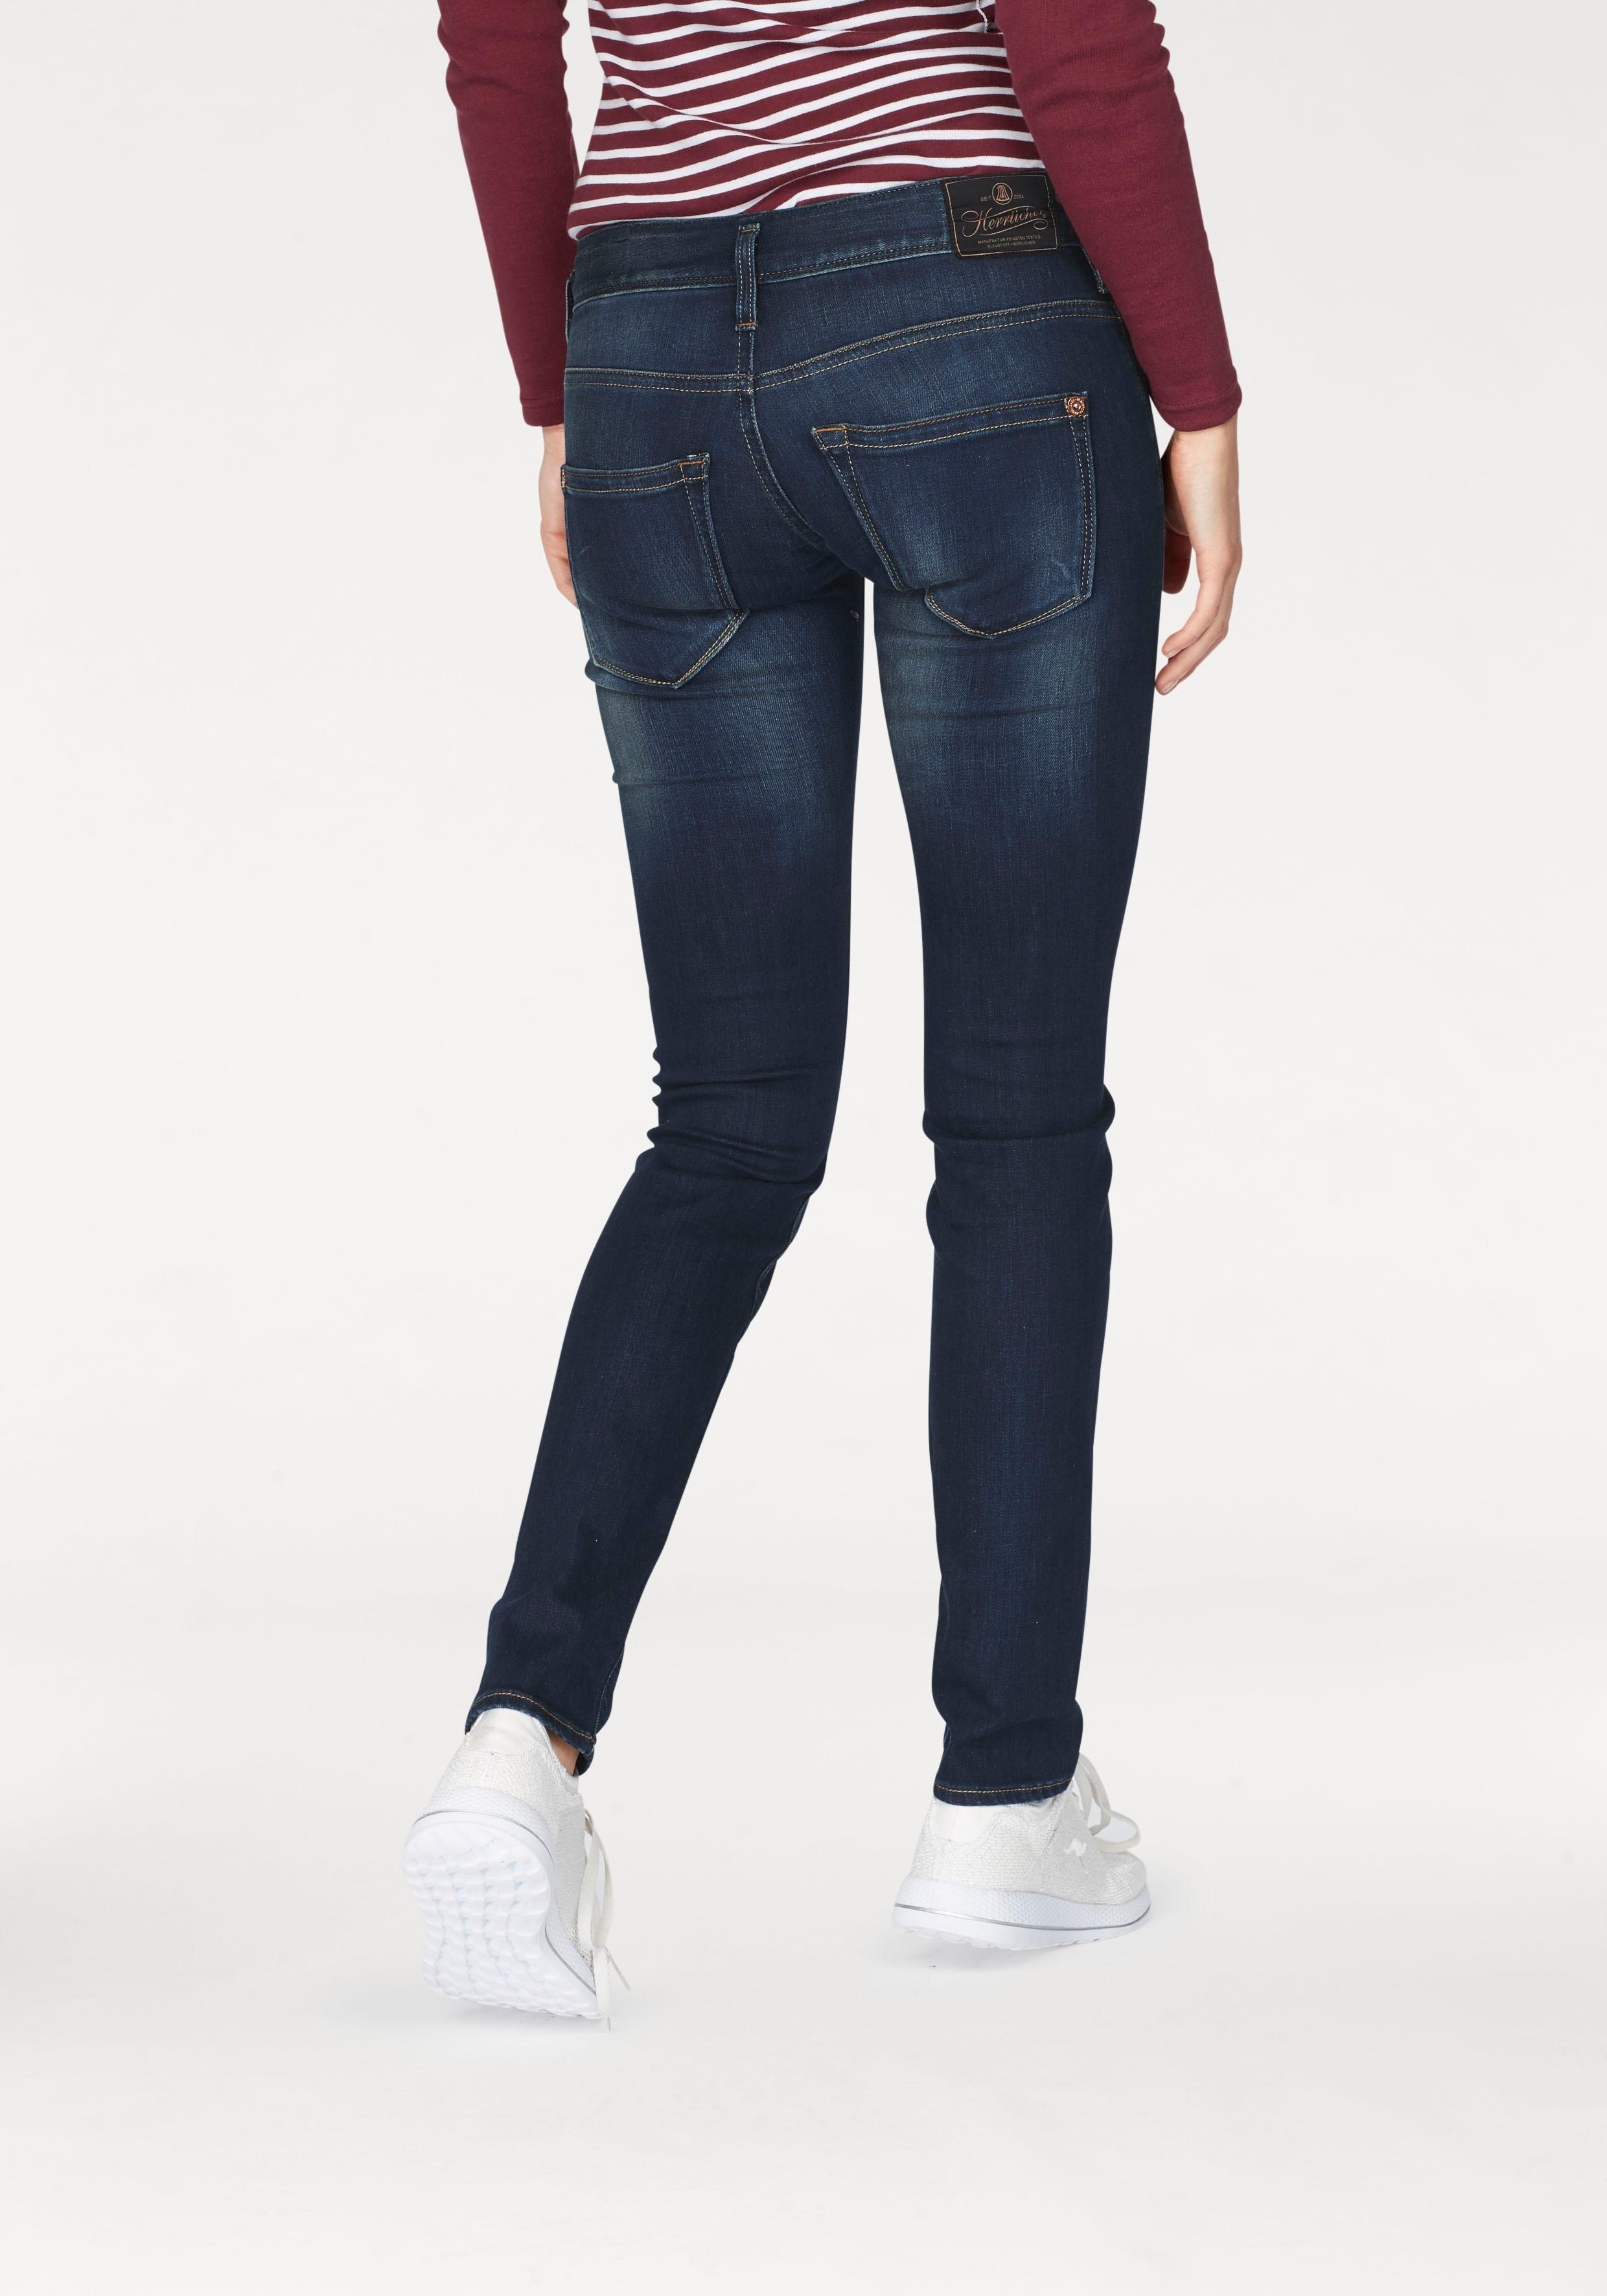 Damen Herrlicher Slim-fit-Jeans Shyra Slim, mit extratiefen Taschen blau   04053192478740